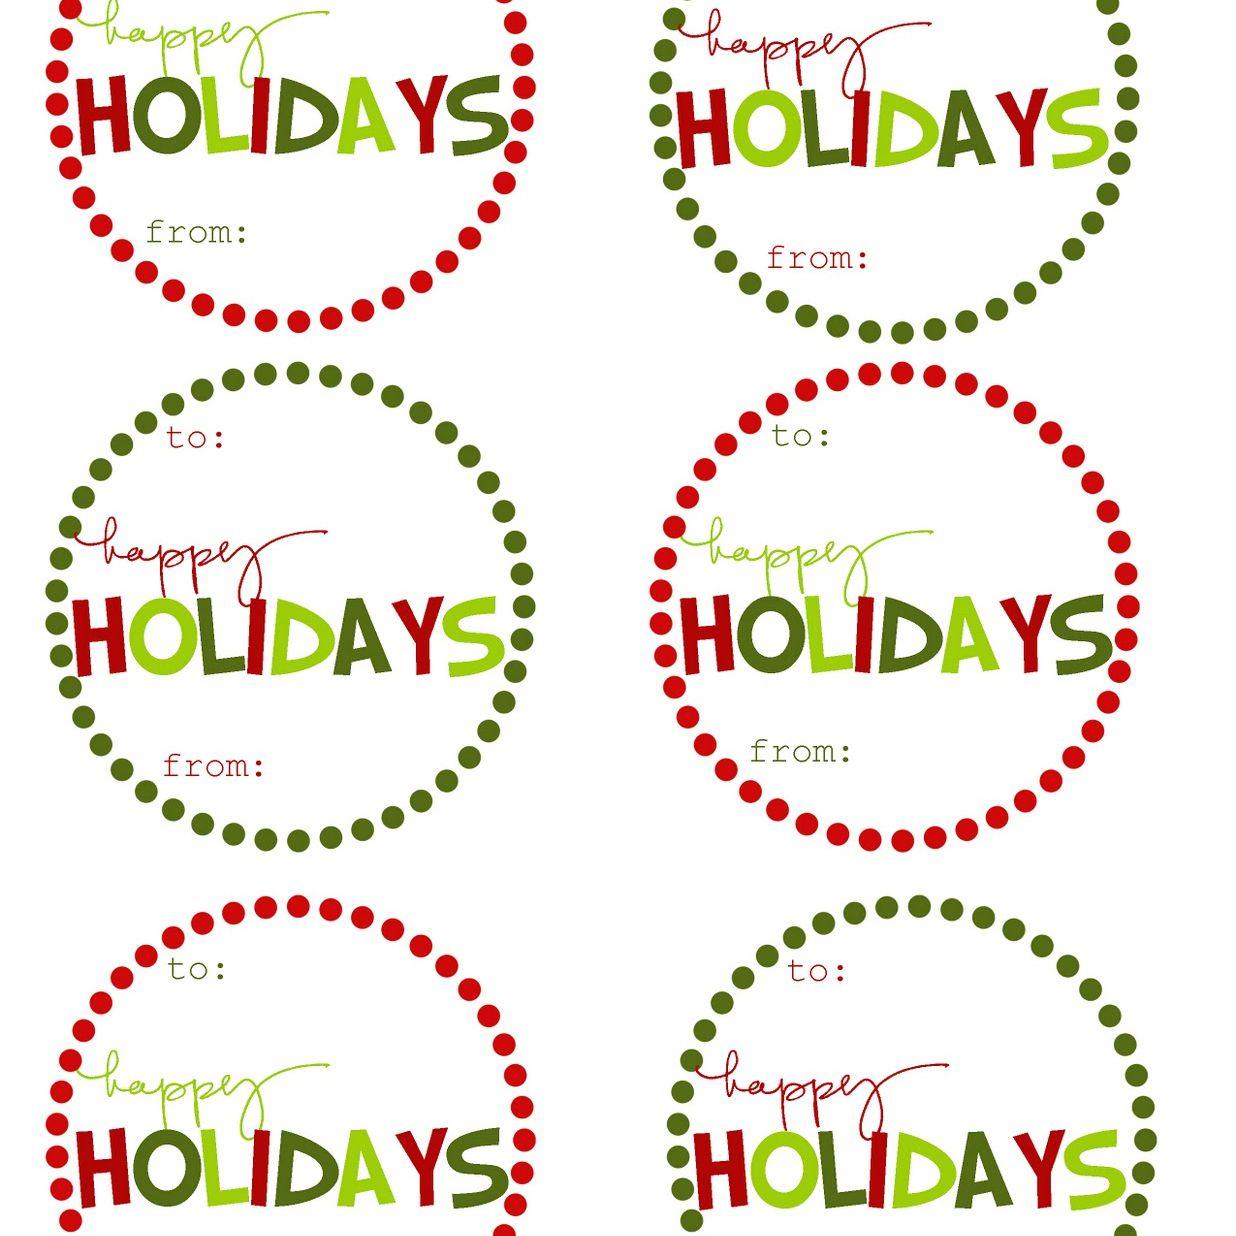 40 Sets Of Free Printable Christmas Gift Tags - Free Printable Gift Tags